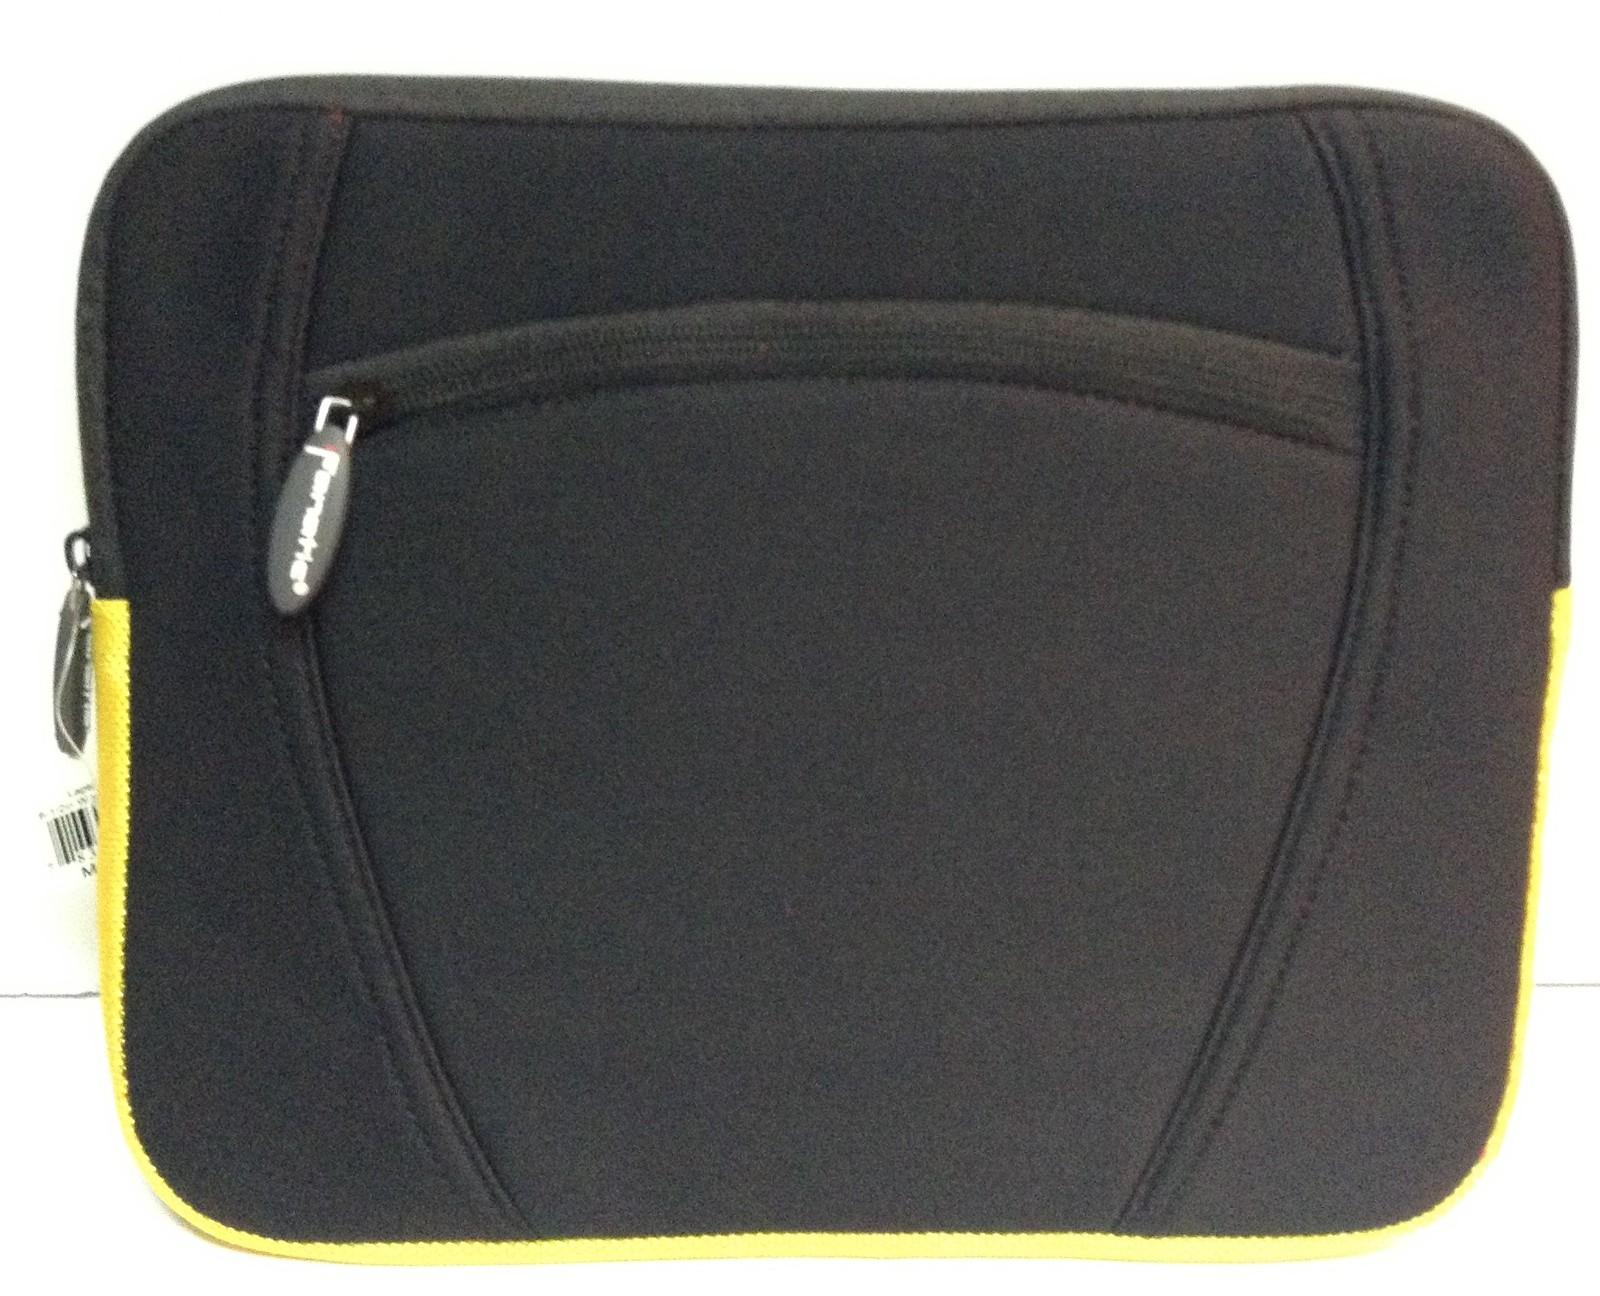 Iowa University Hawkeyes Ipad Laptop Protection Case